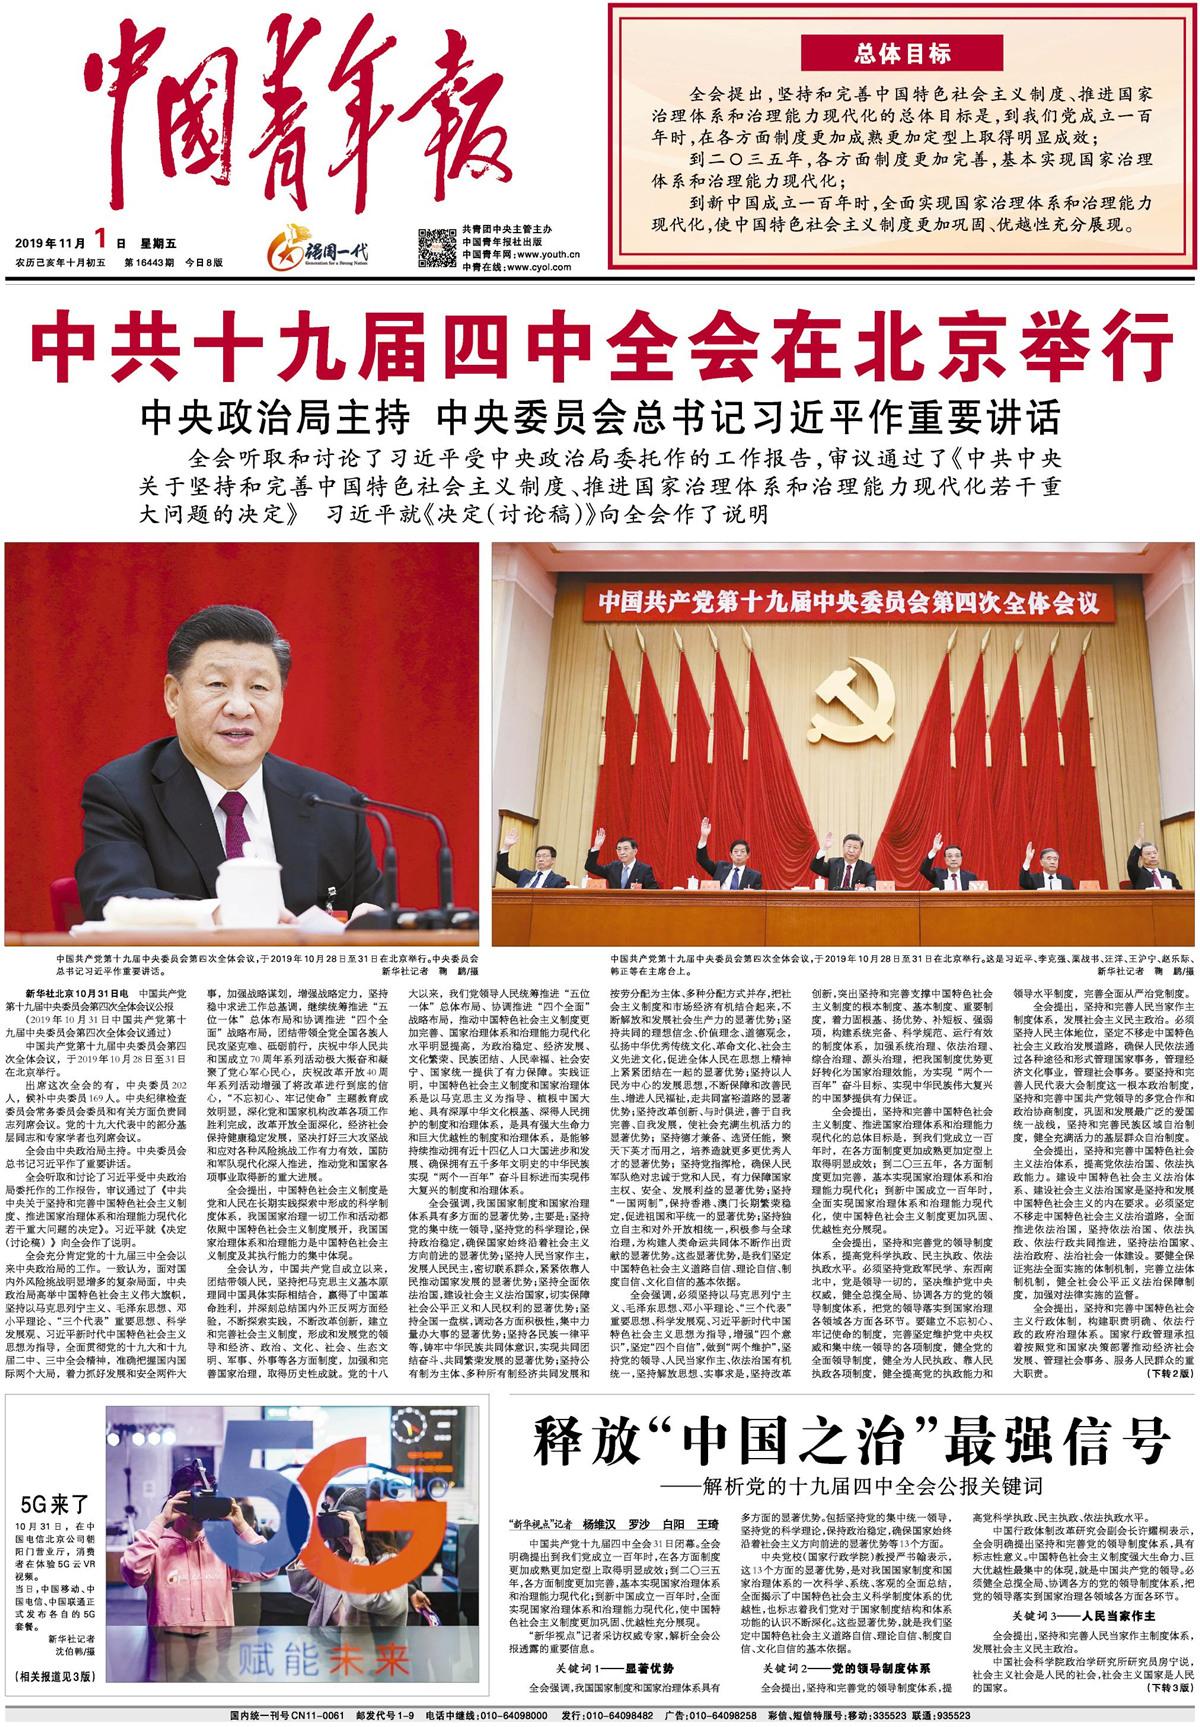 河南日报印务中心在2019年8月份《中国青年报》印刷质量评比中荣获**